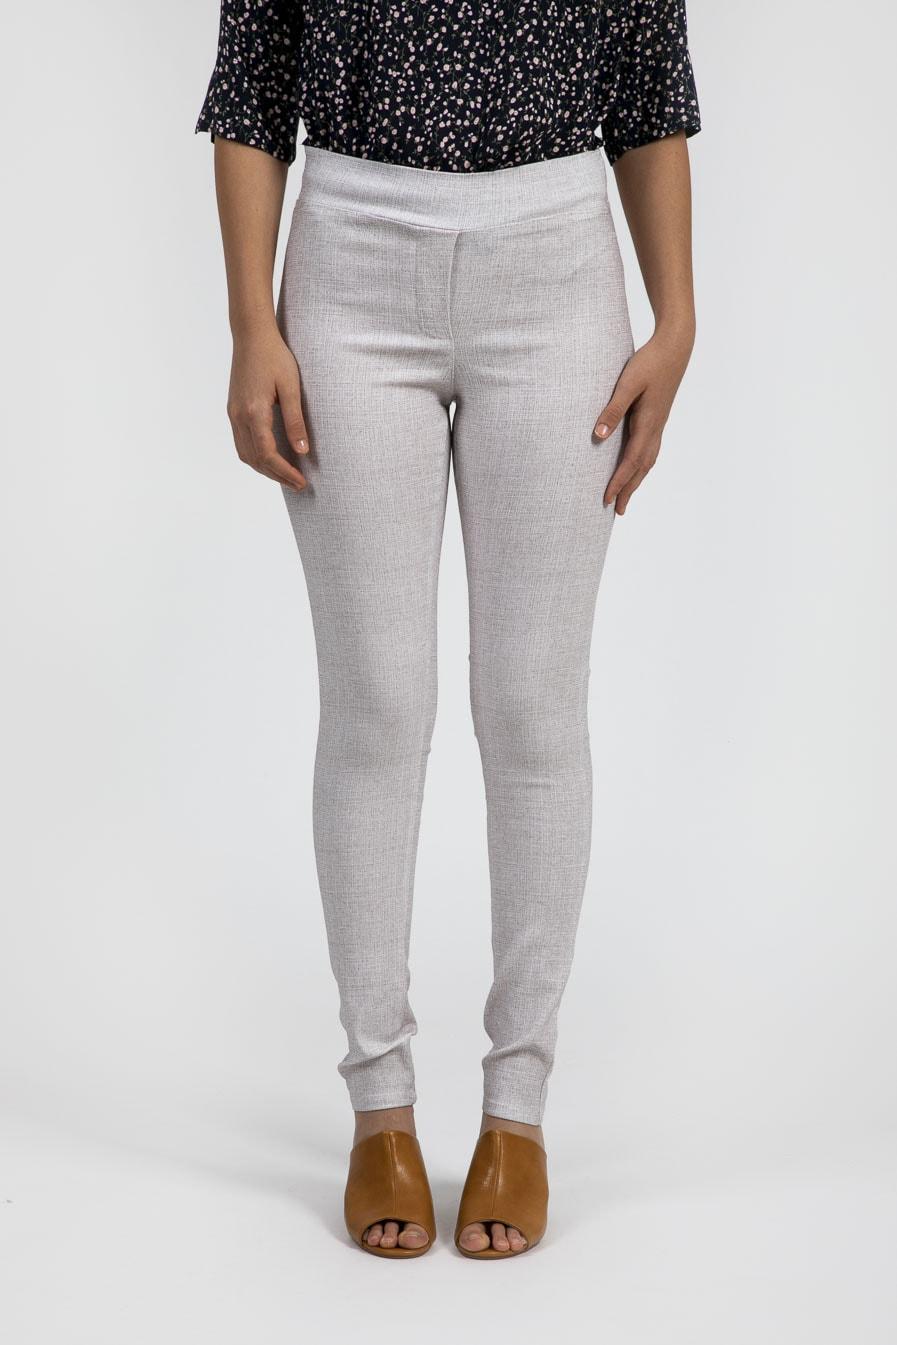 מכנסיים בהירים בגיזרת סקיני